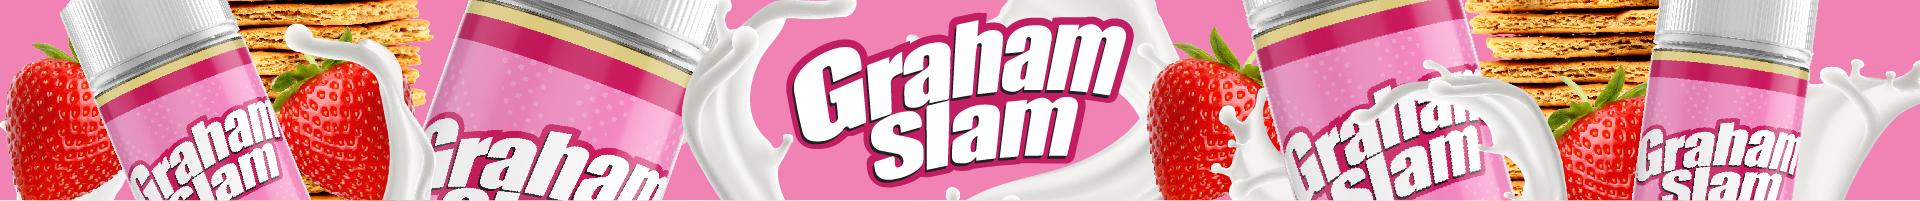 Combina su dorada e inconfundible galleta Graham con deliciosa miel, leche y cualquier fruta...